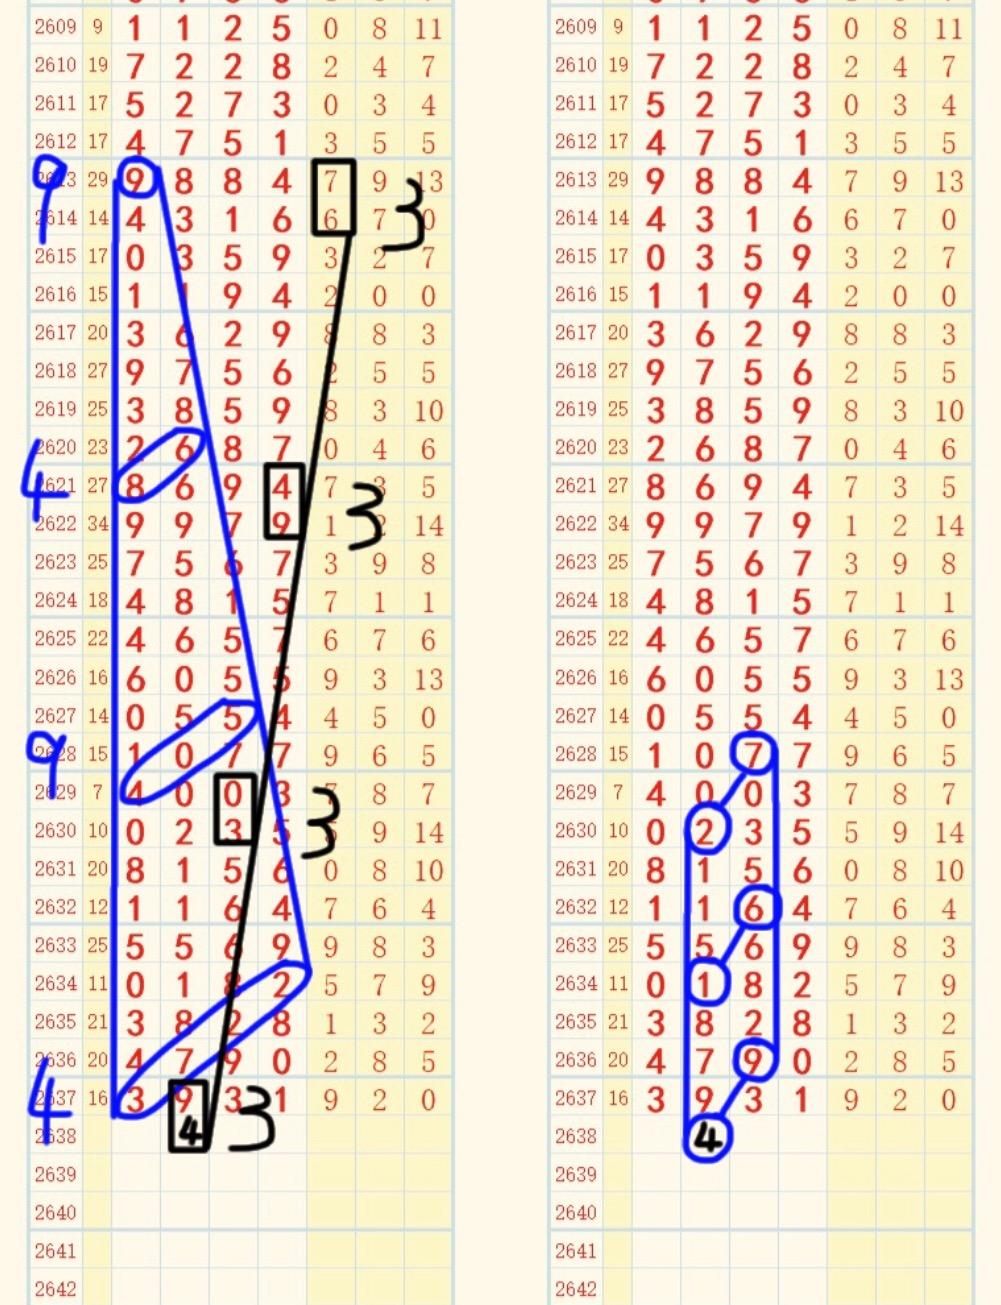 133411F5-FB34-4DEE-A6C9-8999E5D6B5BF.jpeg